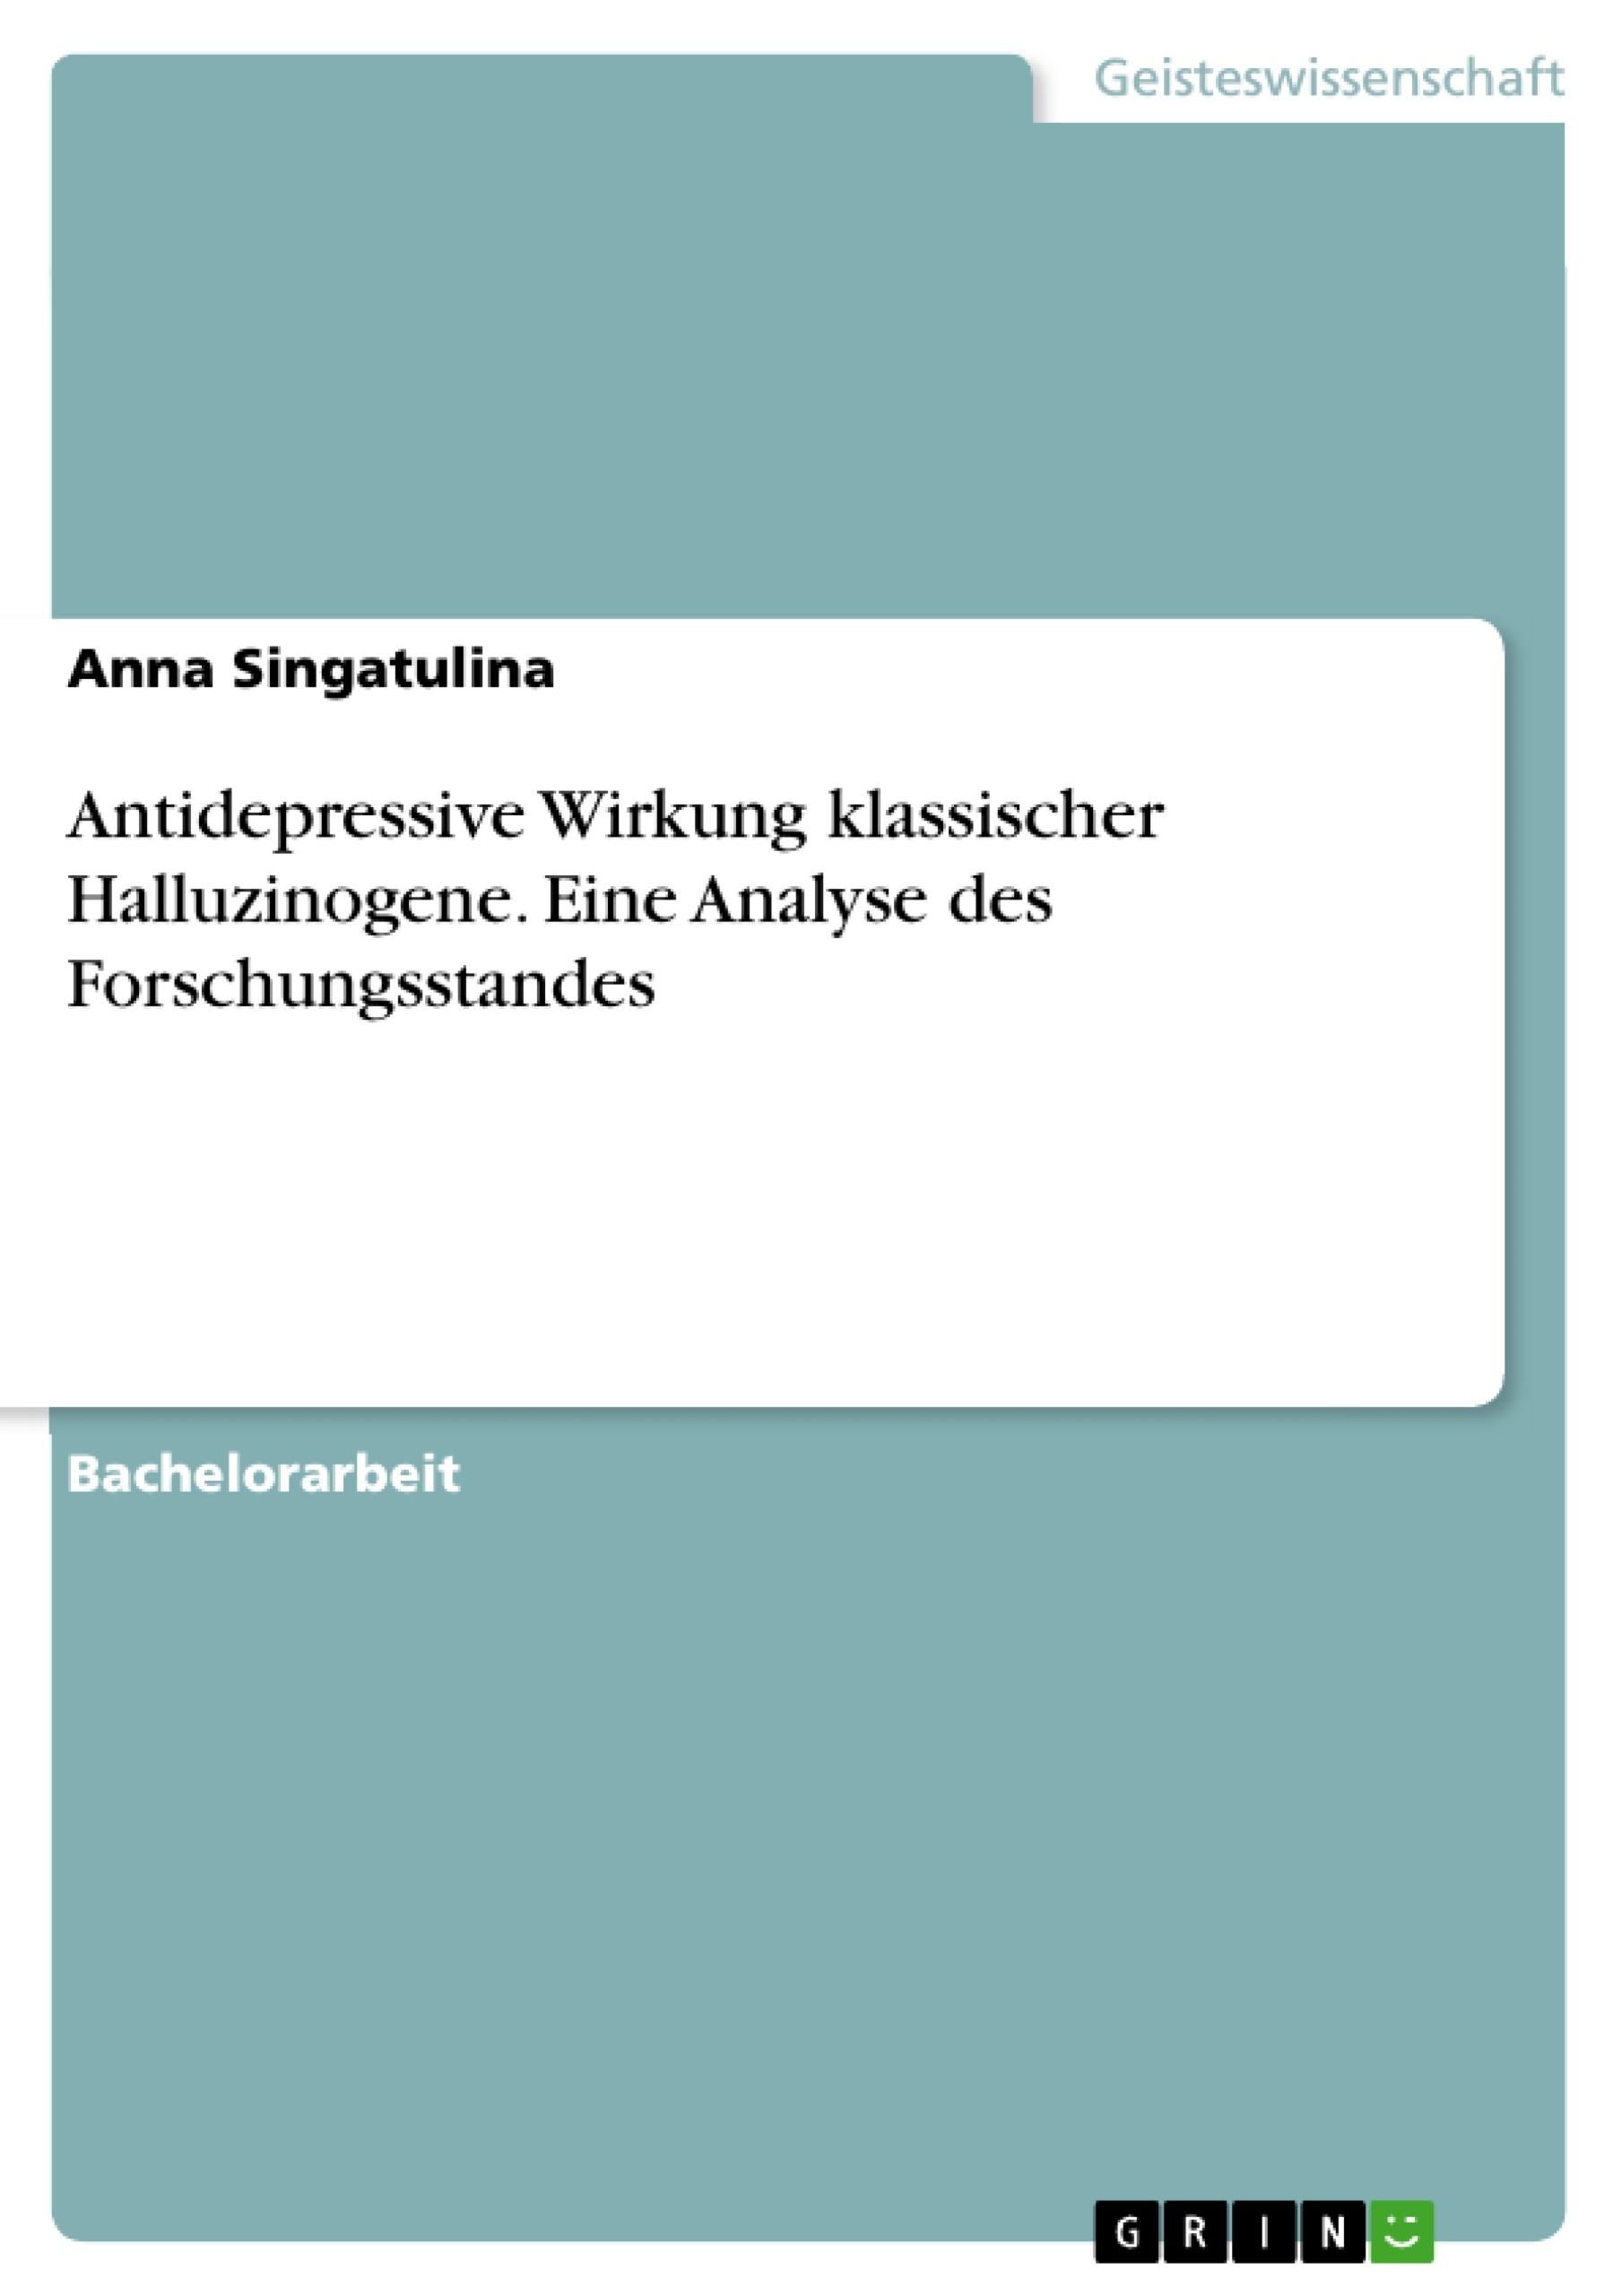 Titel: Antidepressive Wirkung klassischer Halluzinogene. Eine Analyse des Forschungsstandes